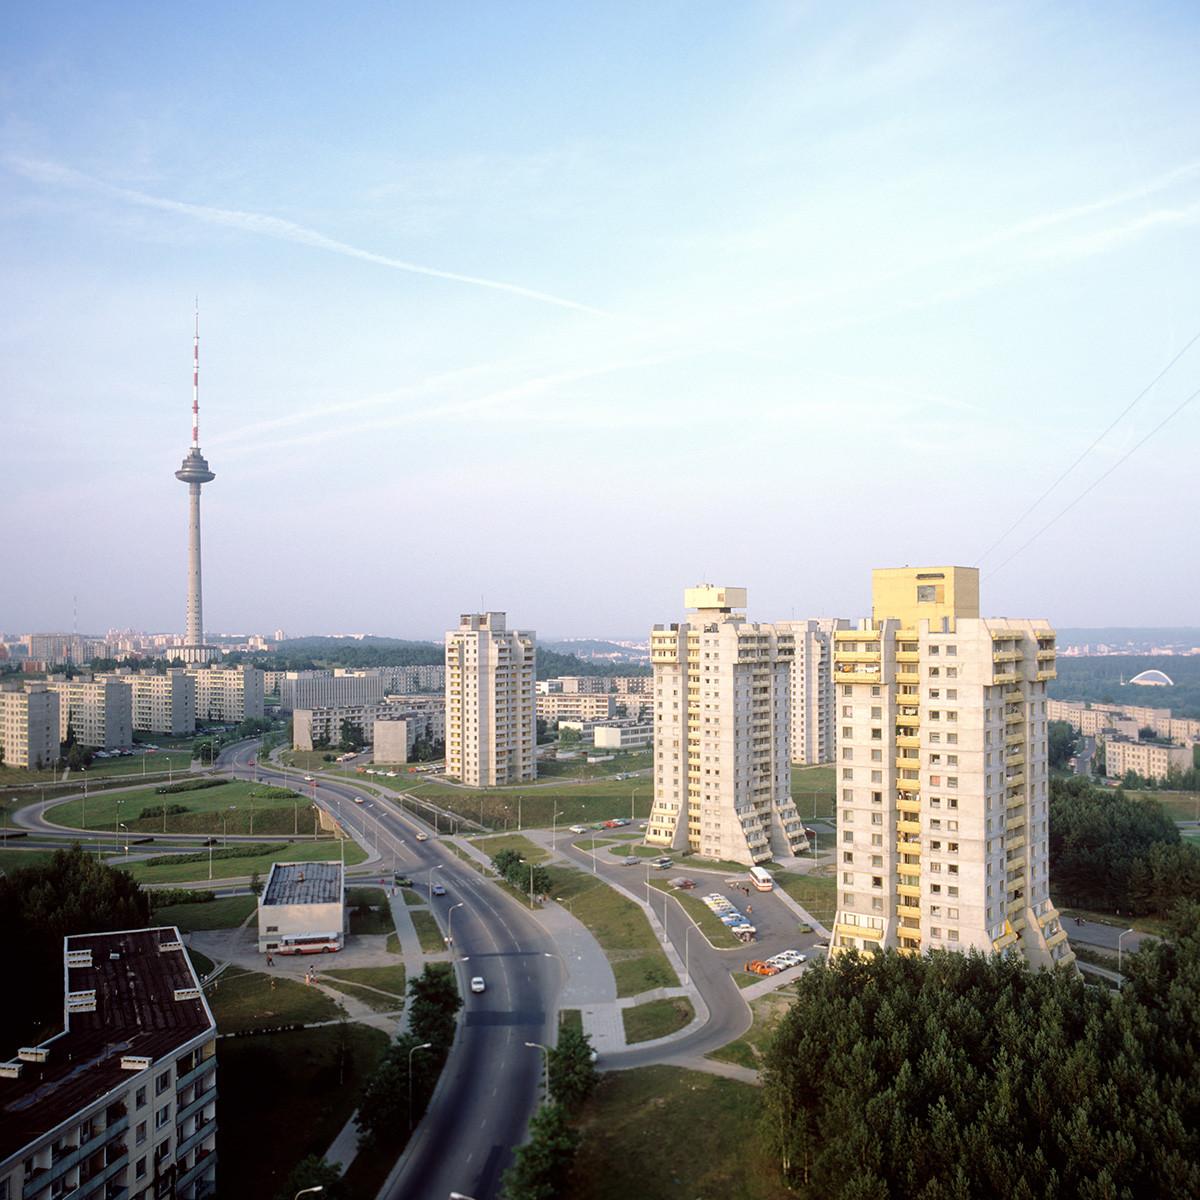 ヴィリニュスの新しい住宅街、1985年